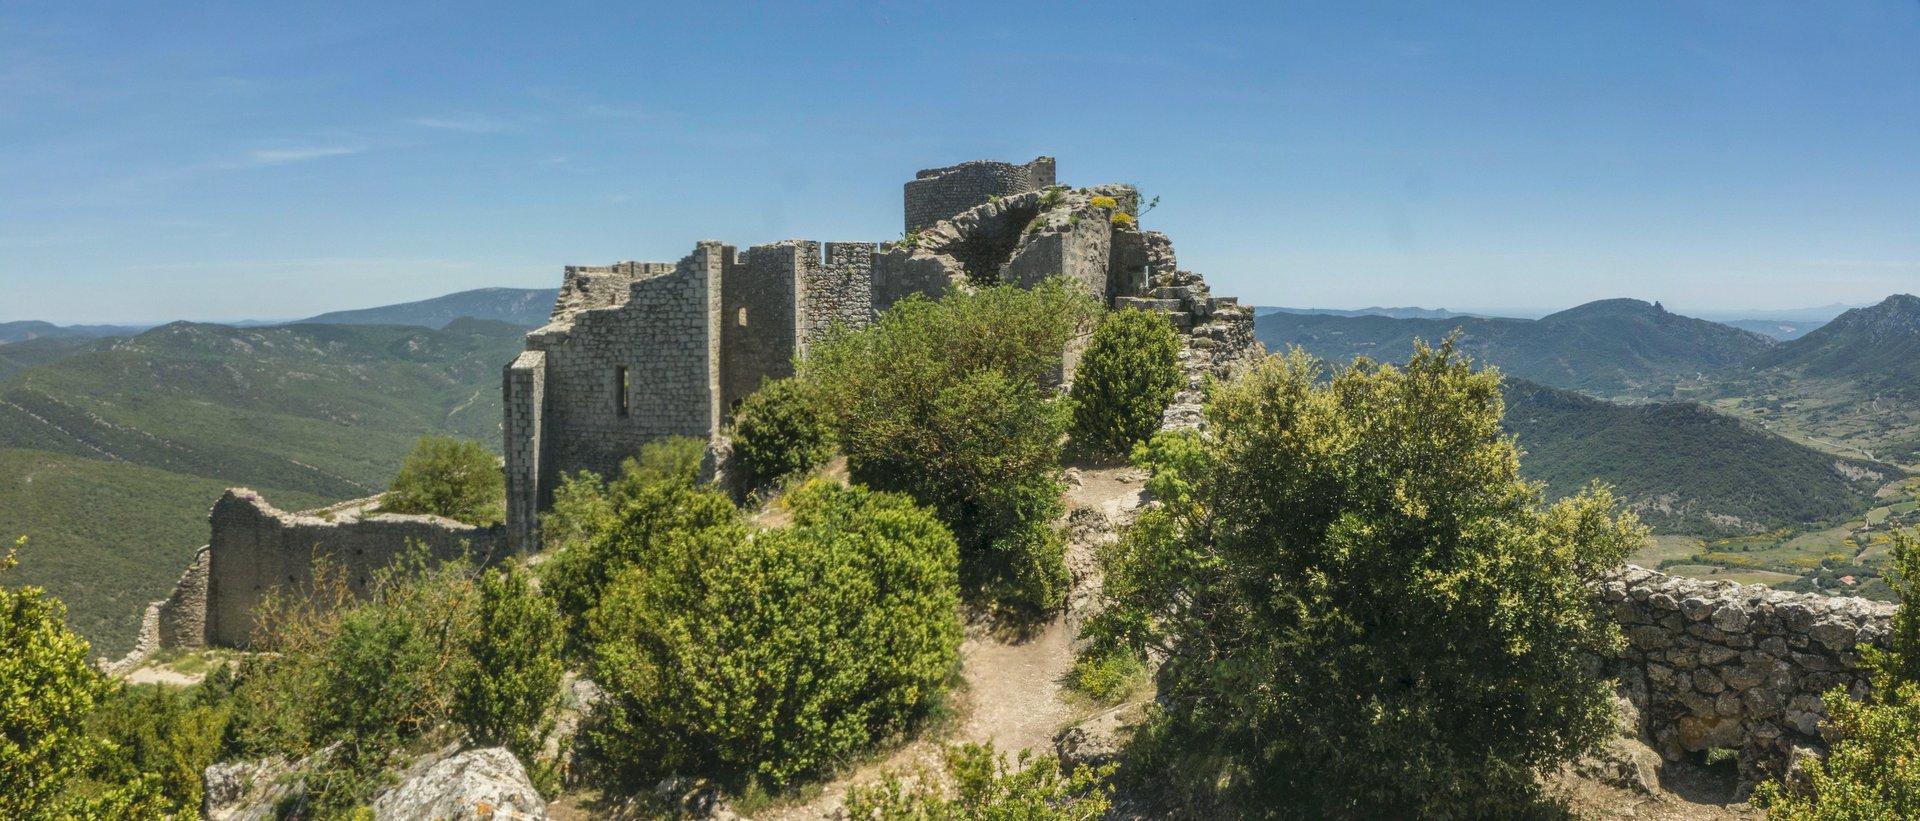 Blick auf die untere Burg von der mittleren Ringmauer vom Château de Peyrepertuse